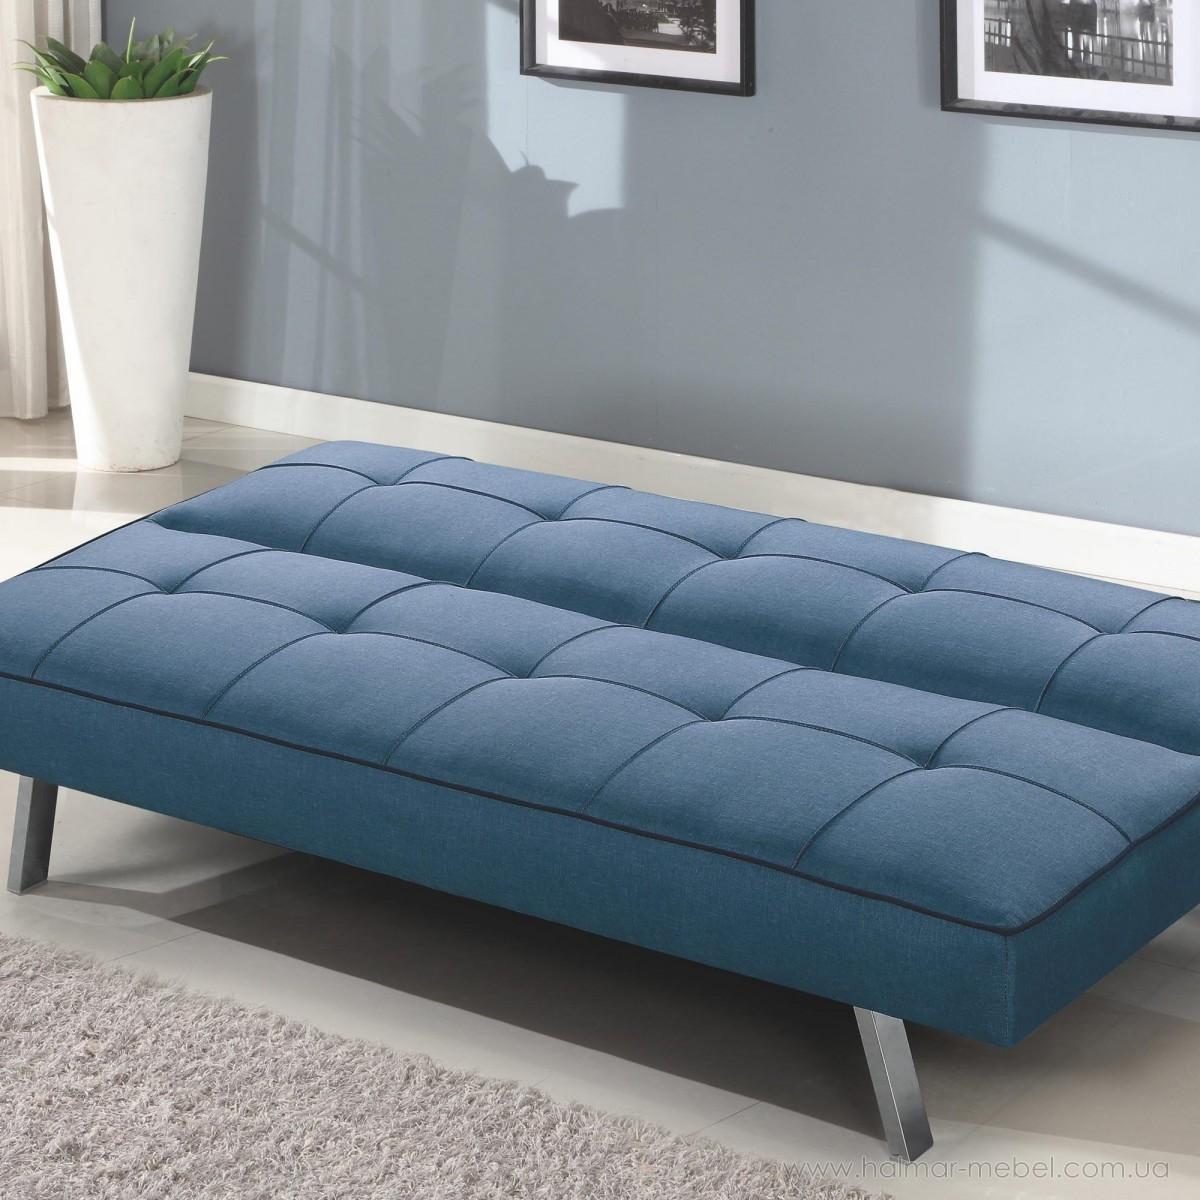 Раскладной диван CARLO бежевый HALMAR